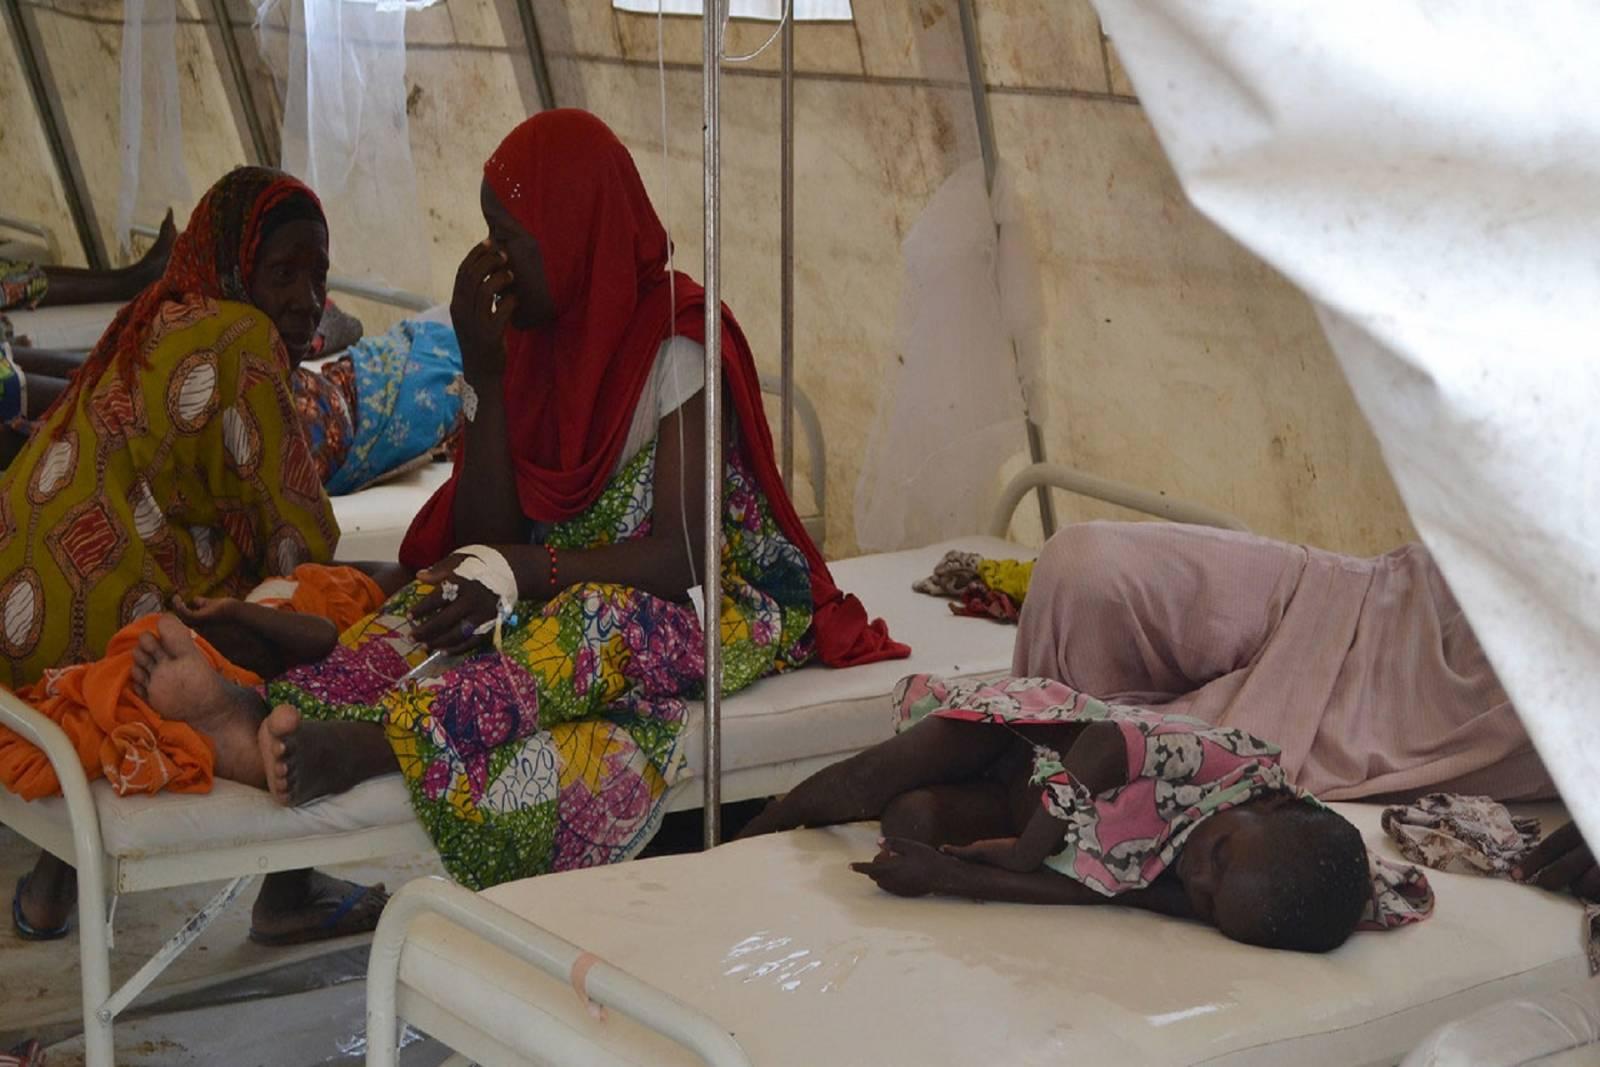 Αφρική Νιγηρία: Αντιμετωπίζει μία από τις χειρότερες επιδημίες χολέρας τα τελευταία χρόνια